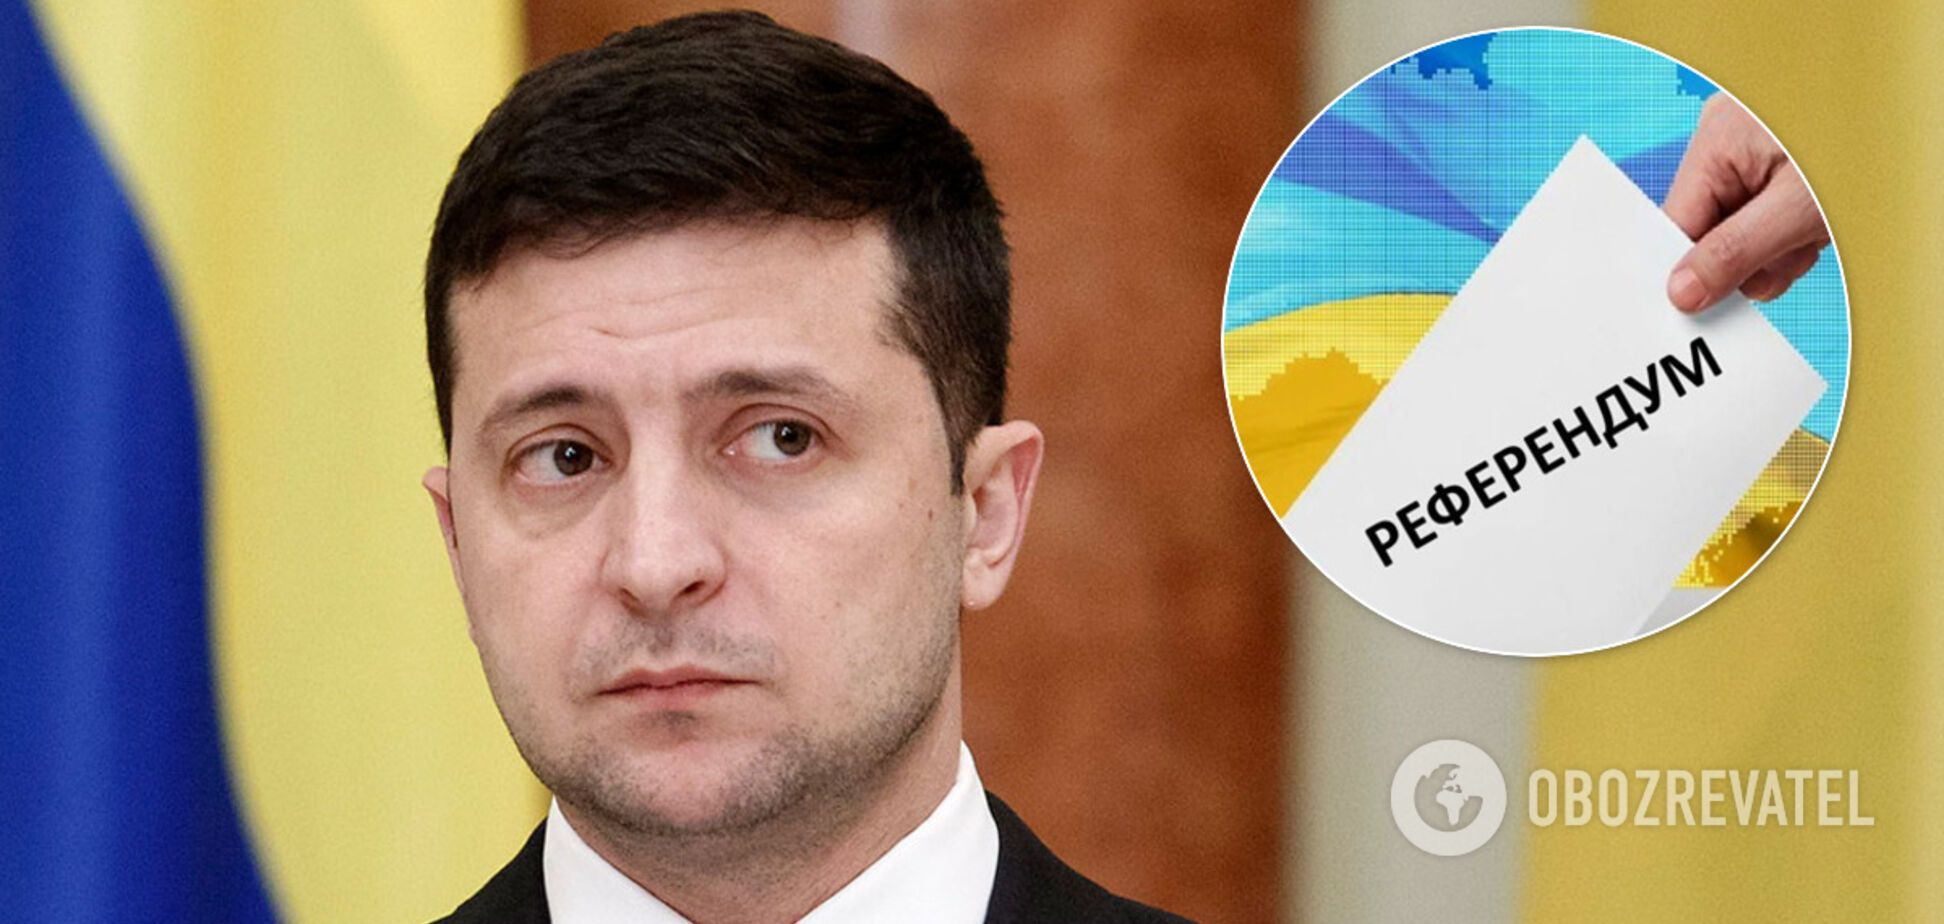 Паниотто раскрыл опасность закона о референдуме в Украине